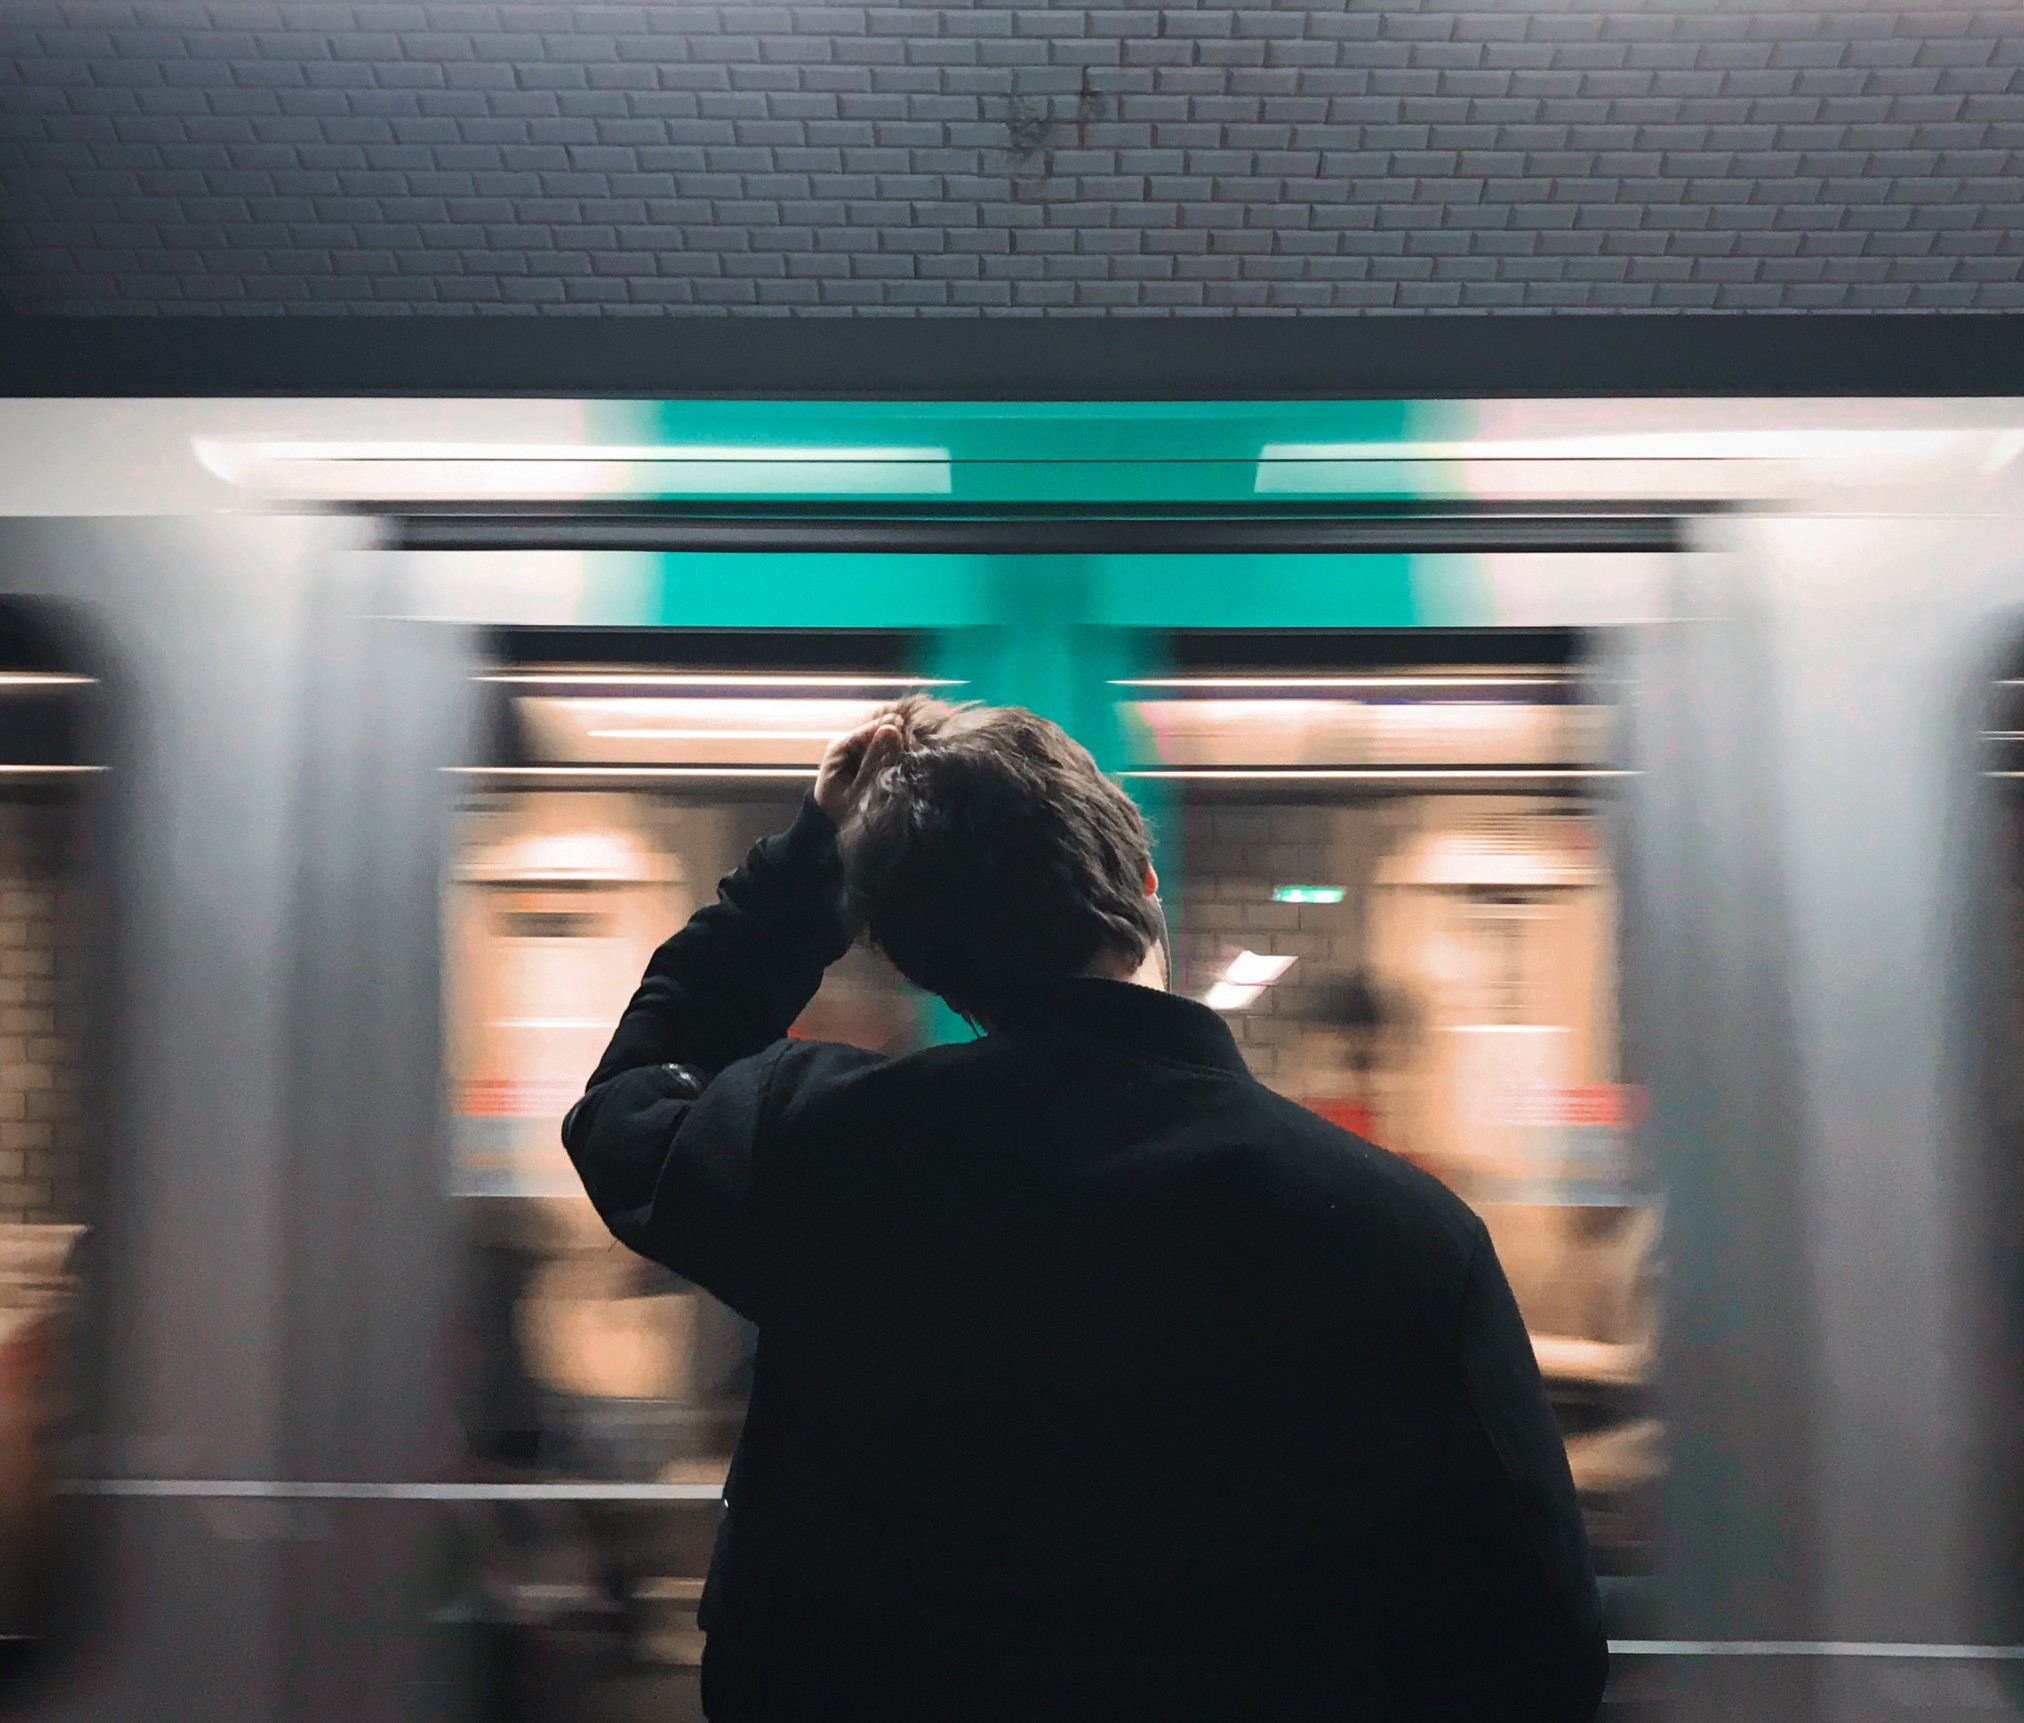 Ali vam je vlak odpeljal izpred oči?